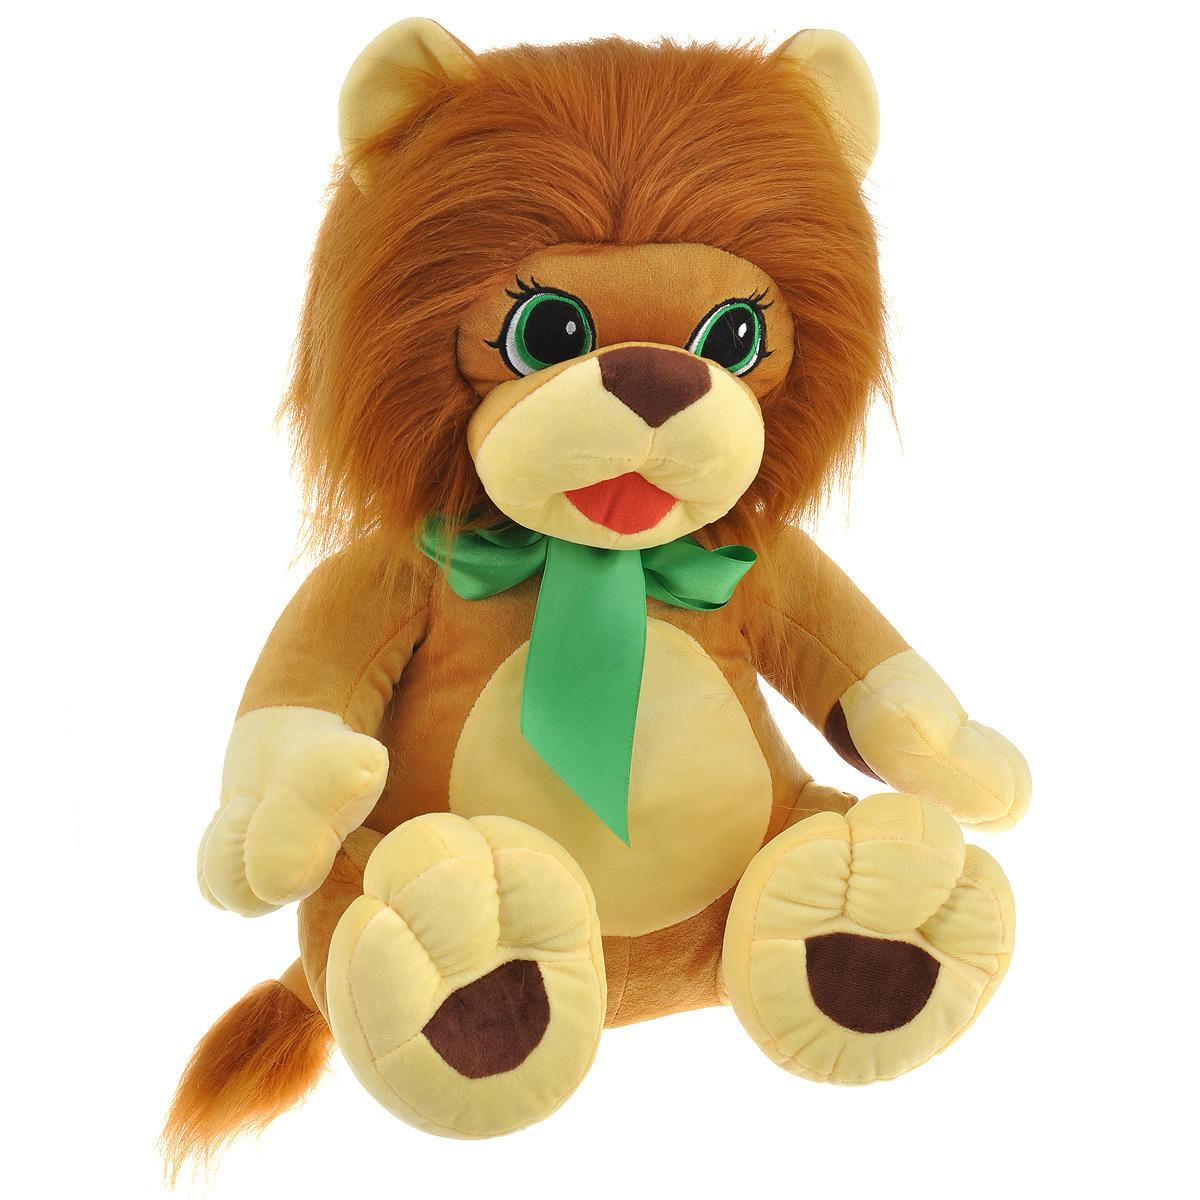 Мягкая игрушка СмолТойс Львенок, 45 см1869/БЖ/45Симпатичная мягкая игрушка СмолТойс Львенок не оставит равнодушным ни ребенка, ни взрослого и вызовет улыбку у каждого, кто его увидит. Необычайно мягкий, он принесет радость и подарит своему обладателю мгновения нежных объятий и приятных воспоминаний. Игрушка удивительно приятна на ощупь, а специальные гранулы, используемые при ее набивке, способствуют развитию мелкой моторики рук малыша. Мягкая игрушка может стать милым подарком, а может быть и лучшим другом на все времена.